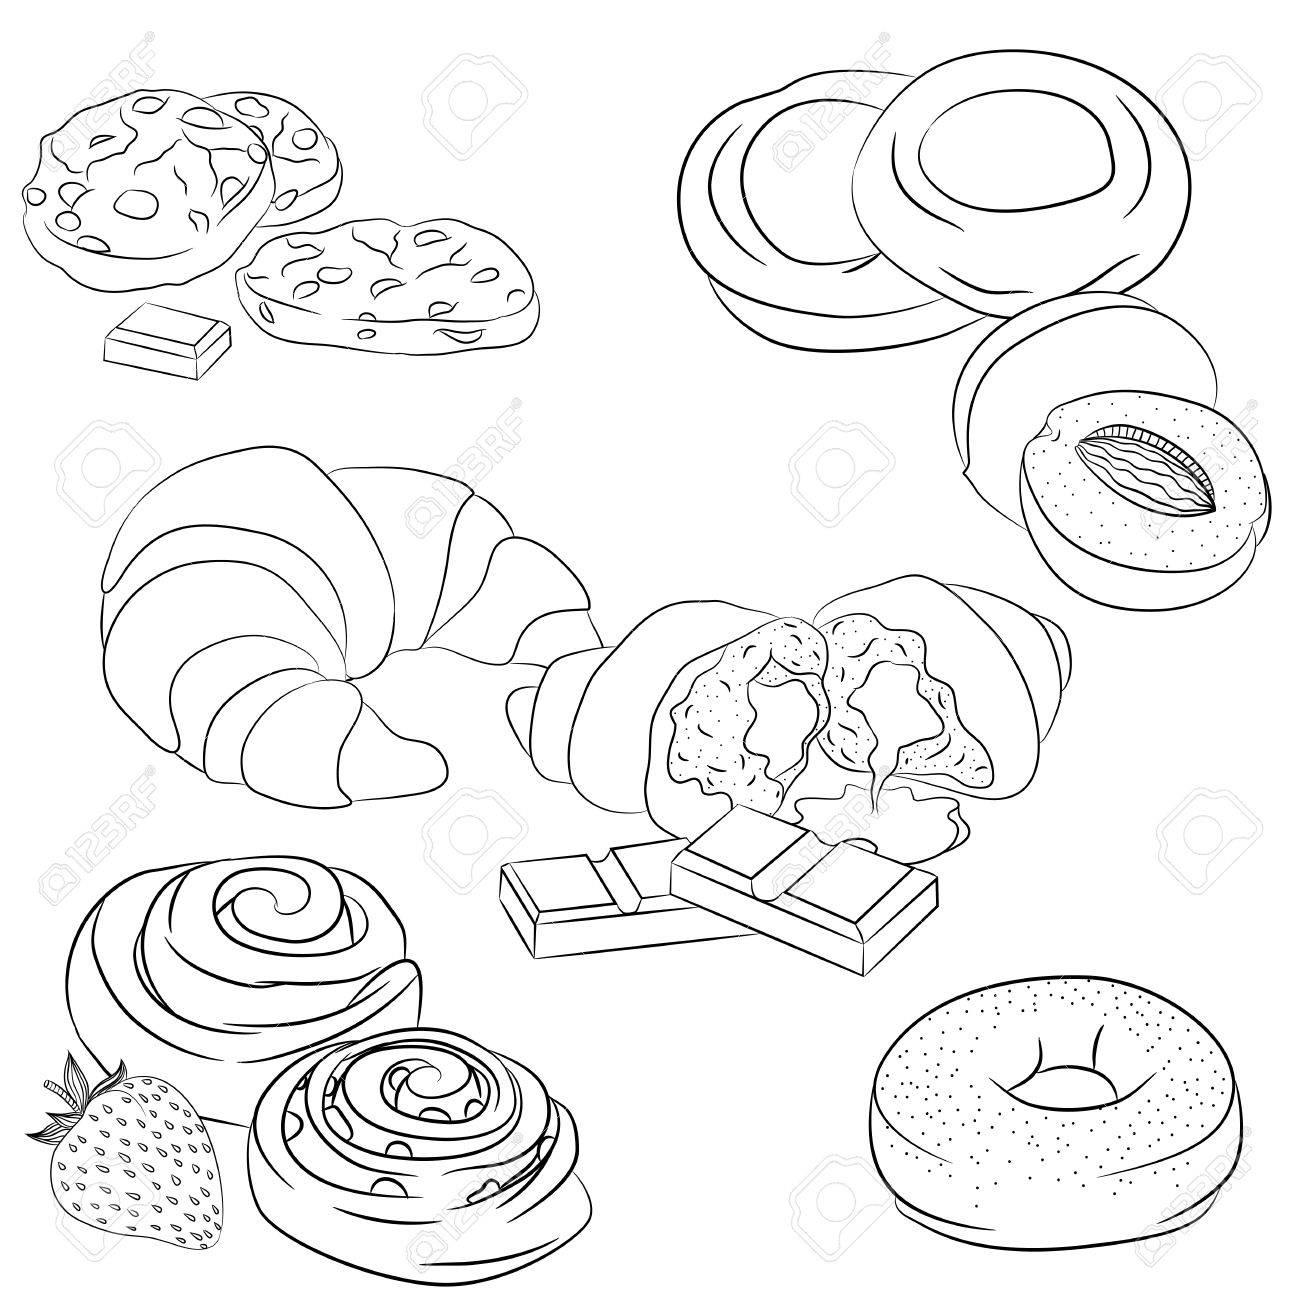 食物と一緒にベクトル ライン アート イラスト様々 なパンを設定します